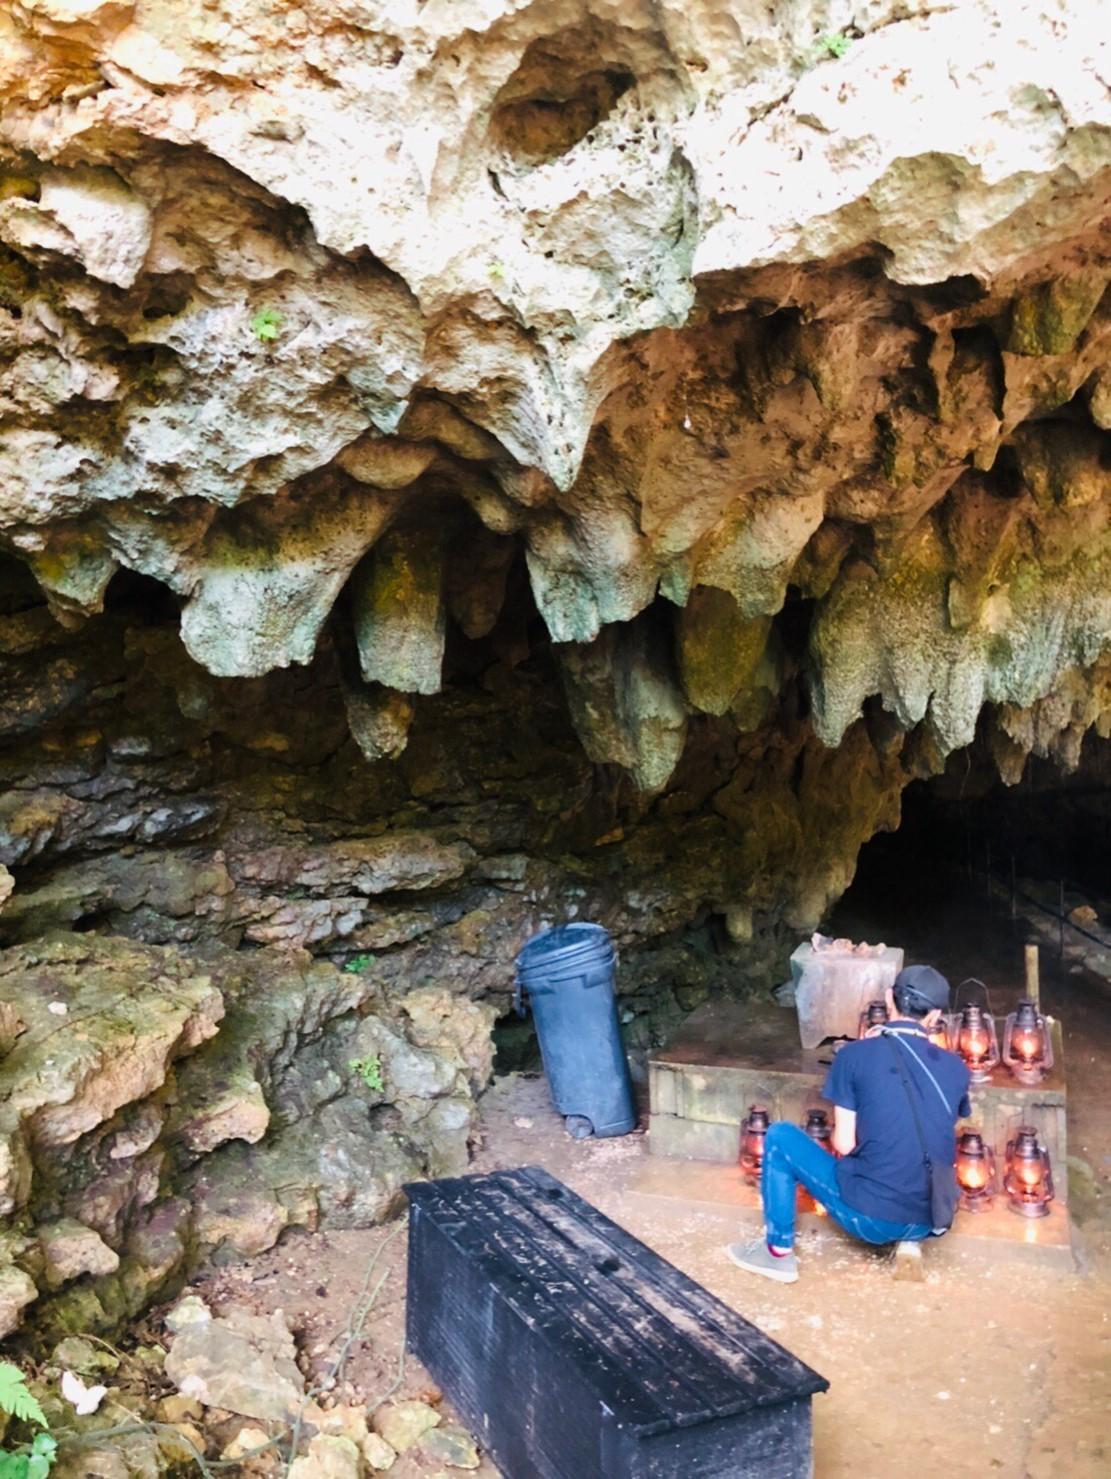 ランプに火をともして洞窟へ侵入